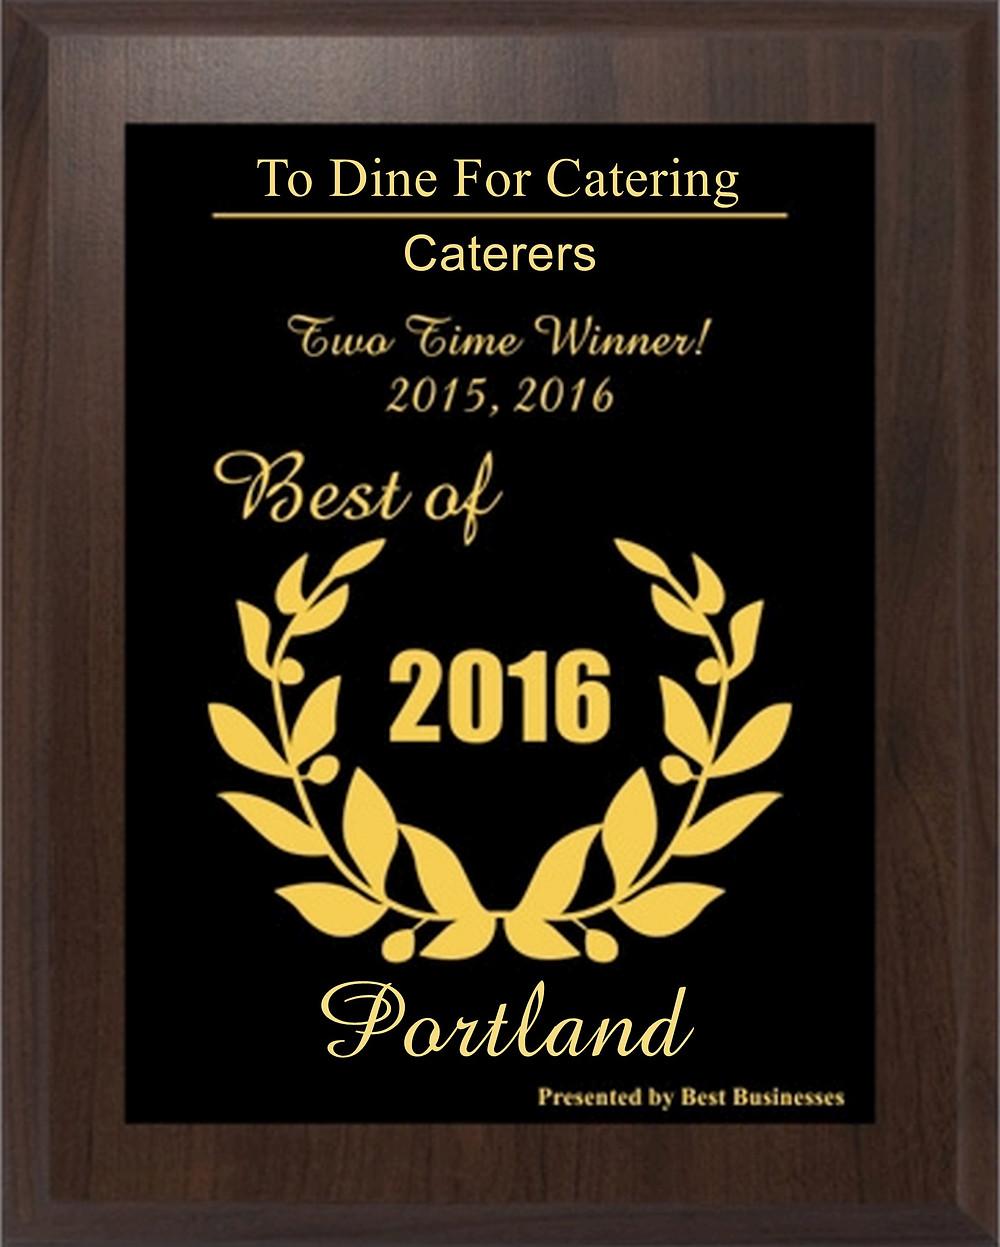 Best catering in portland